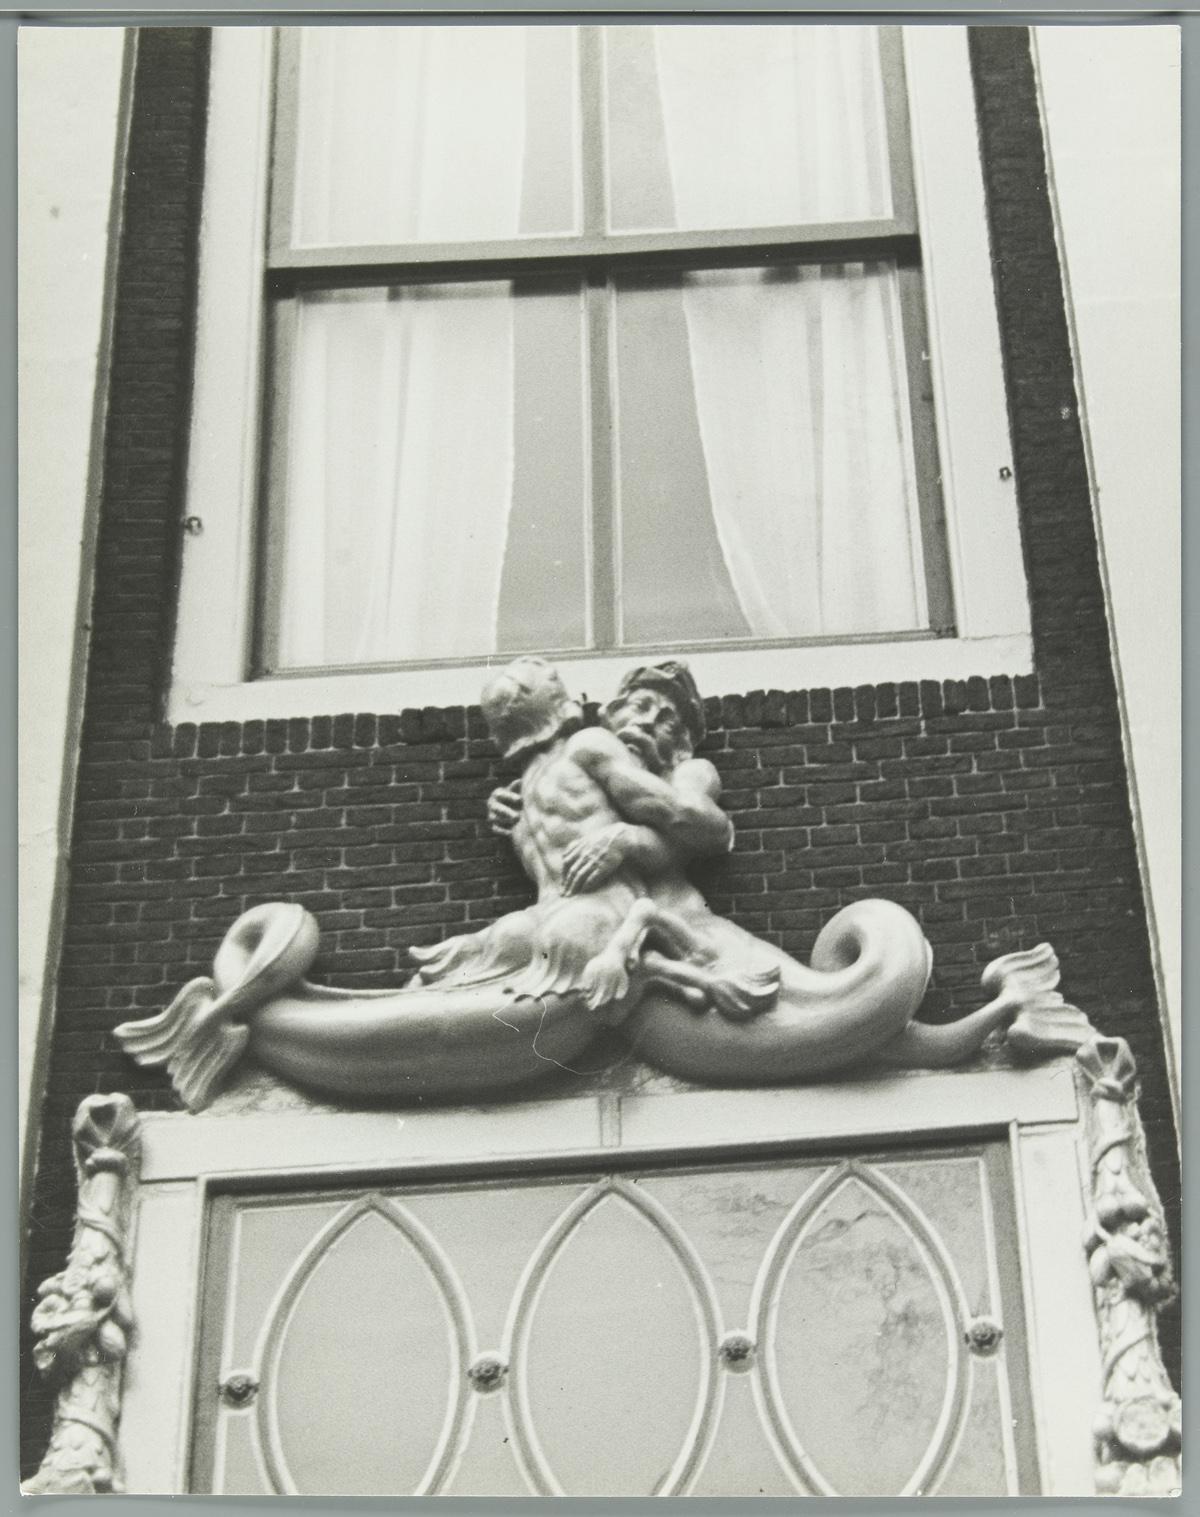 Deurbekroning beeld van zeemeermin en 39 zeemeerman 39 boven de deur van een huis vlak bij de - Beeld van eigentijds huis ...